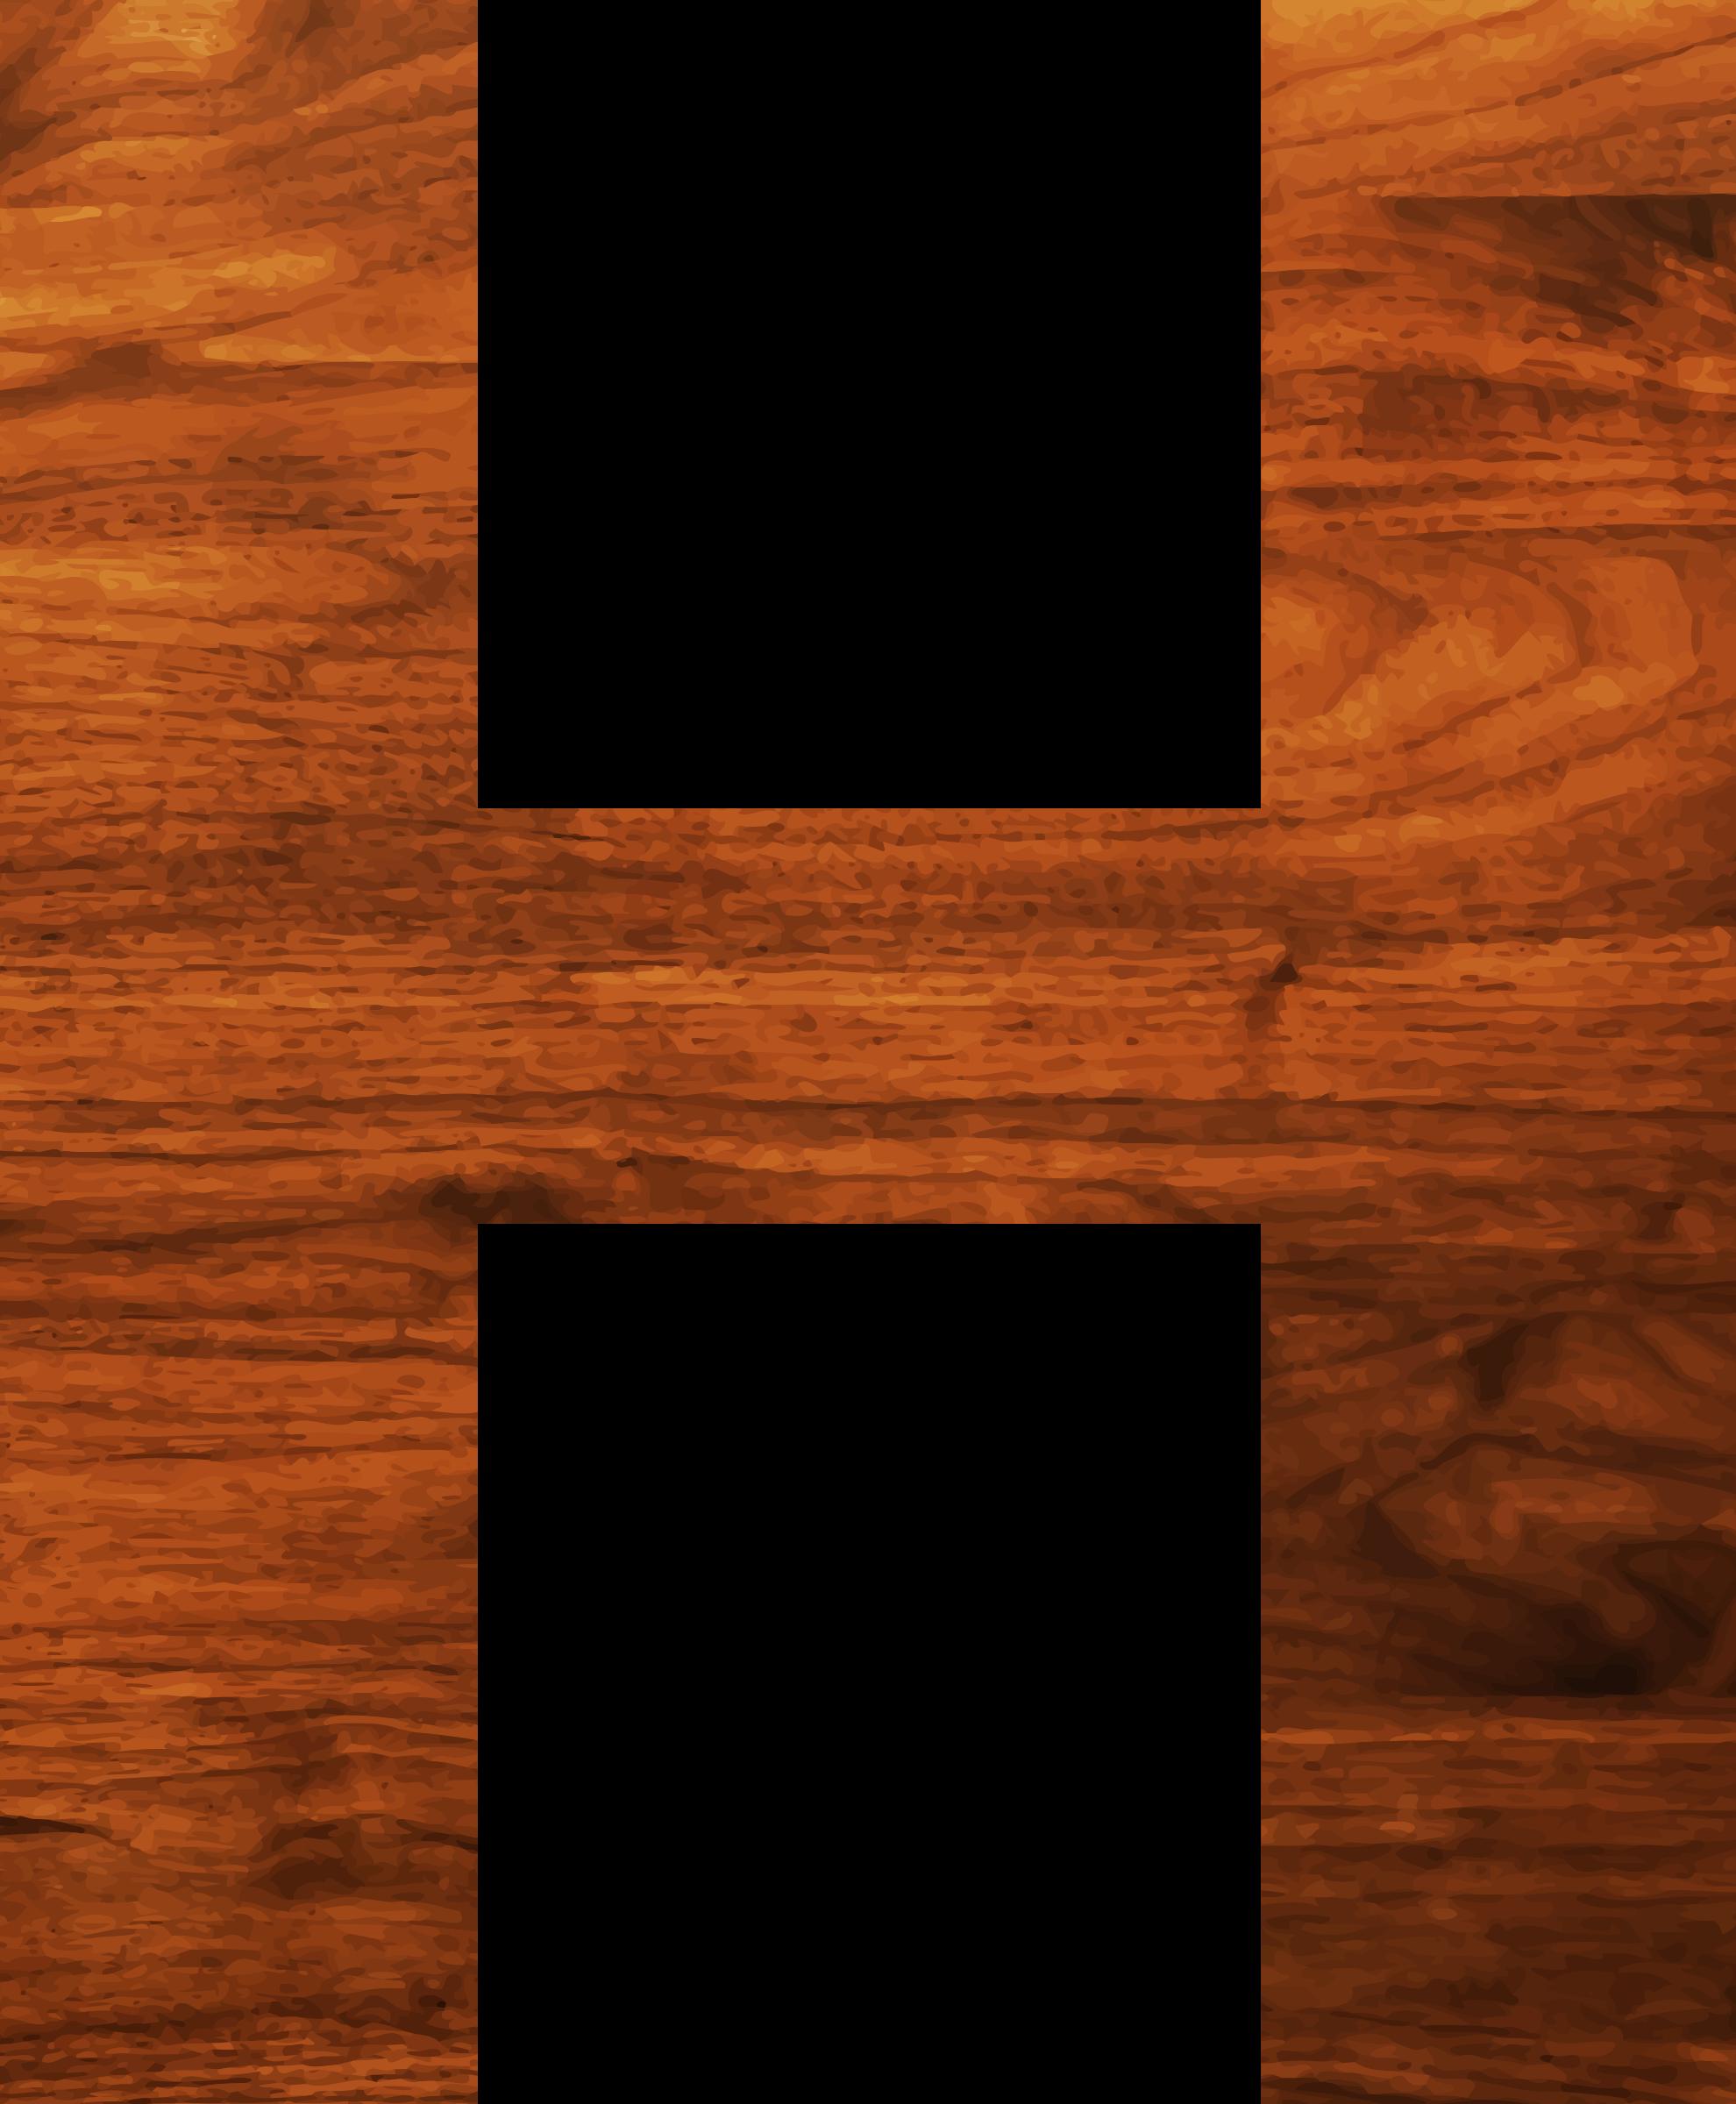 Floor clipart wooden floor. Wood texture alphabet h